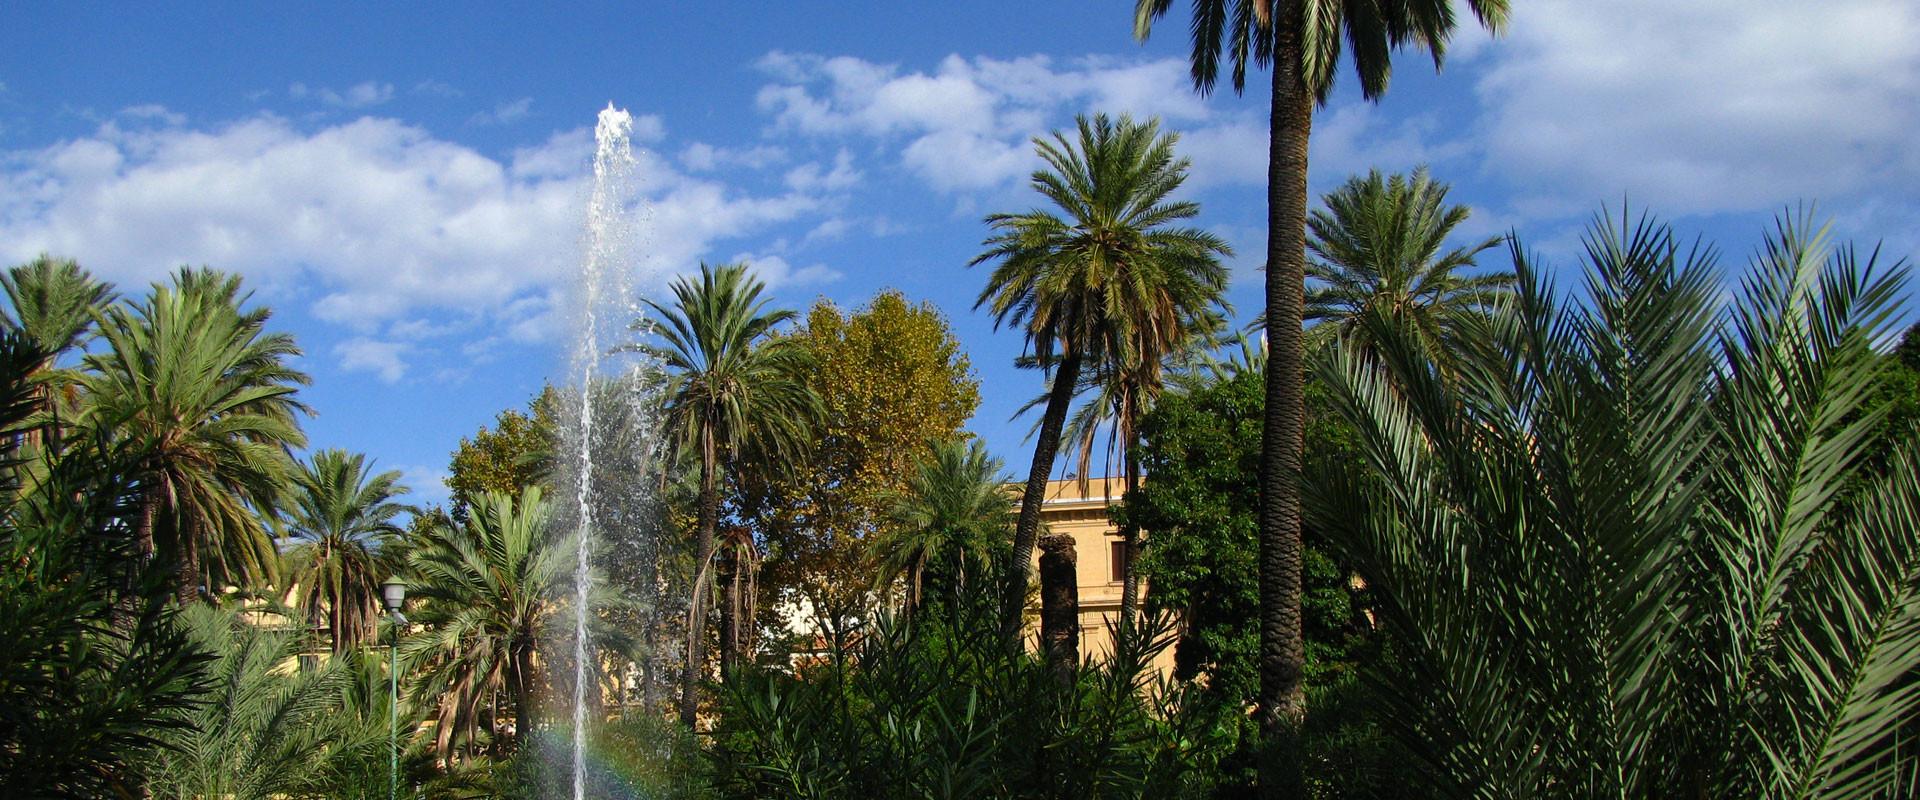 Santa Sicilia palermo-punica